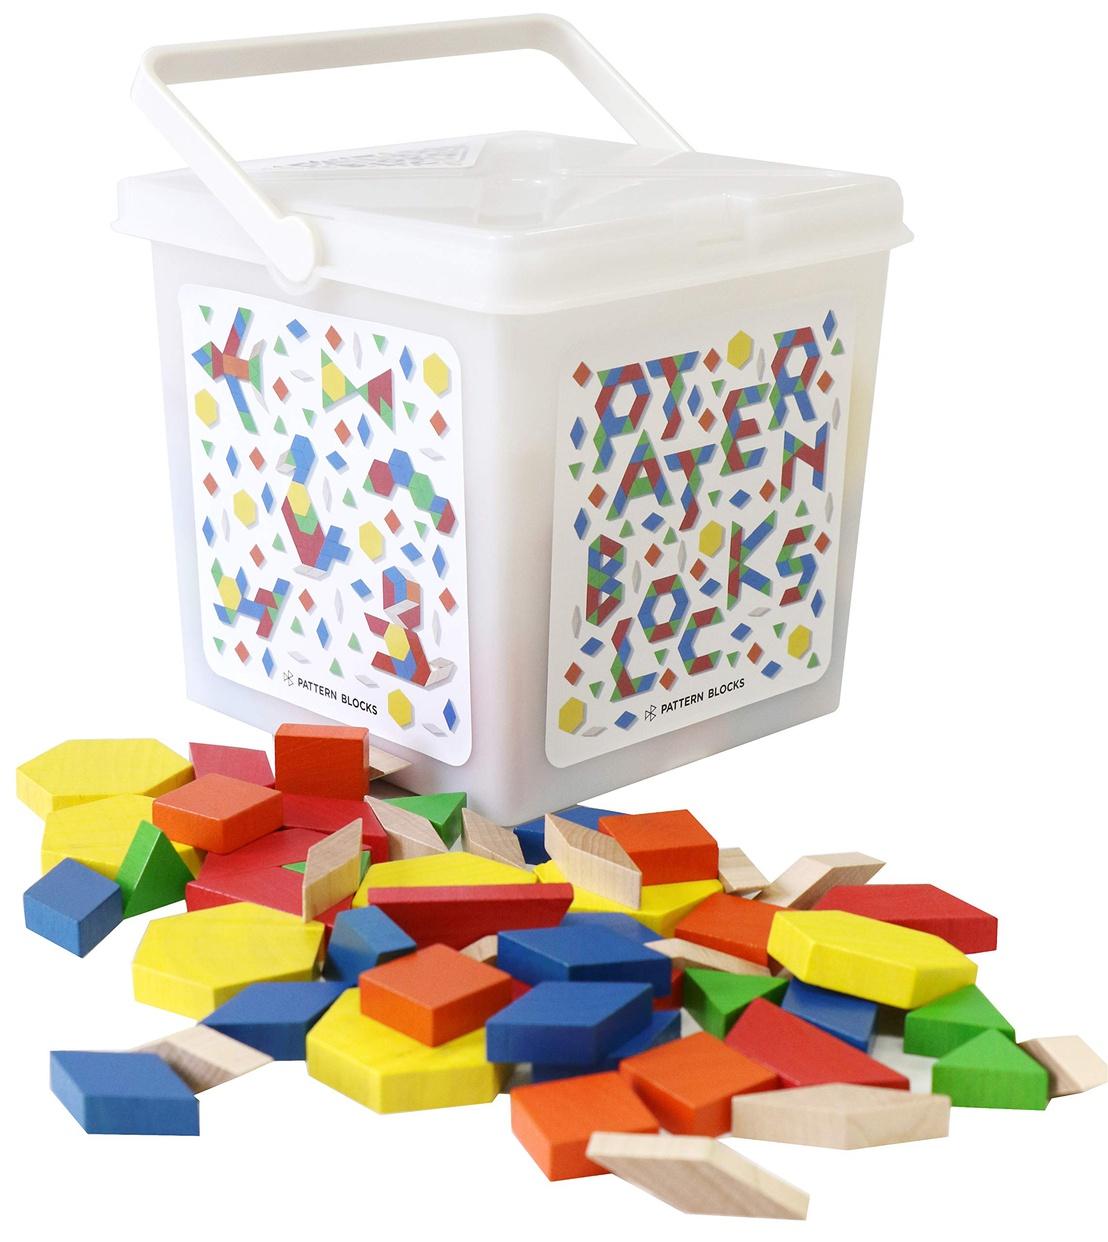 東洋館出版社 パターンブロック タスクカードセットの商品画像2